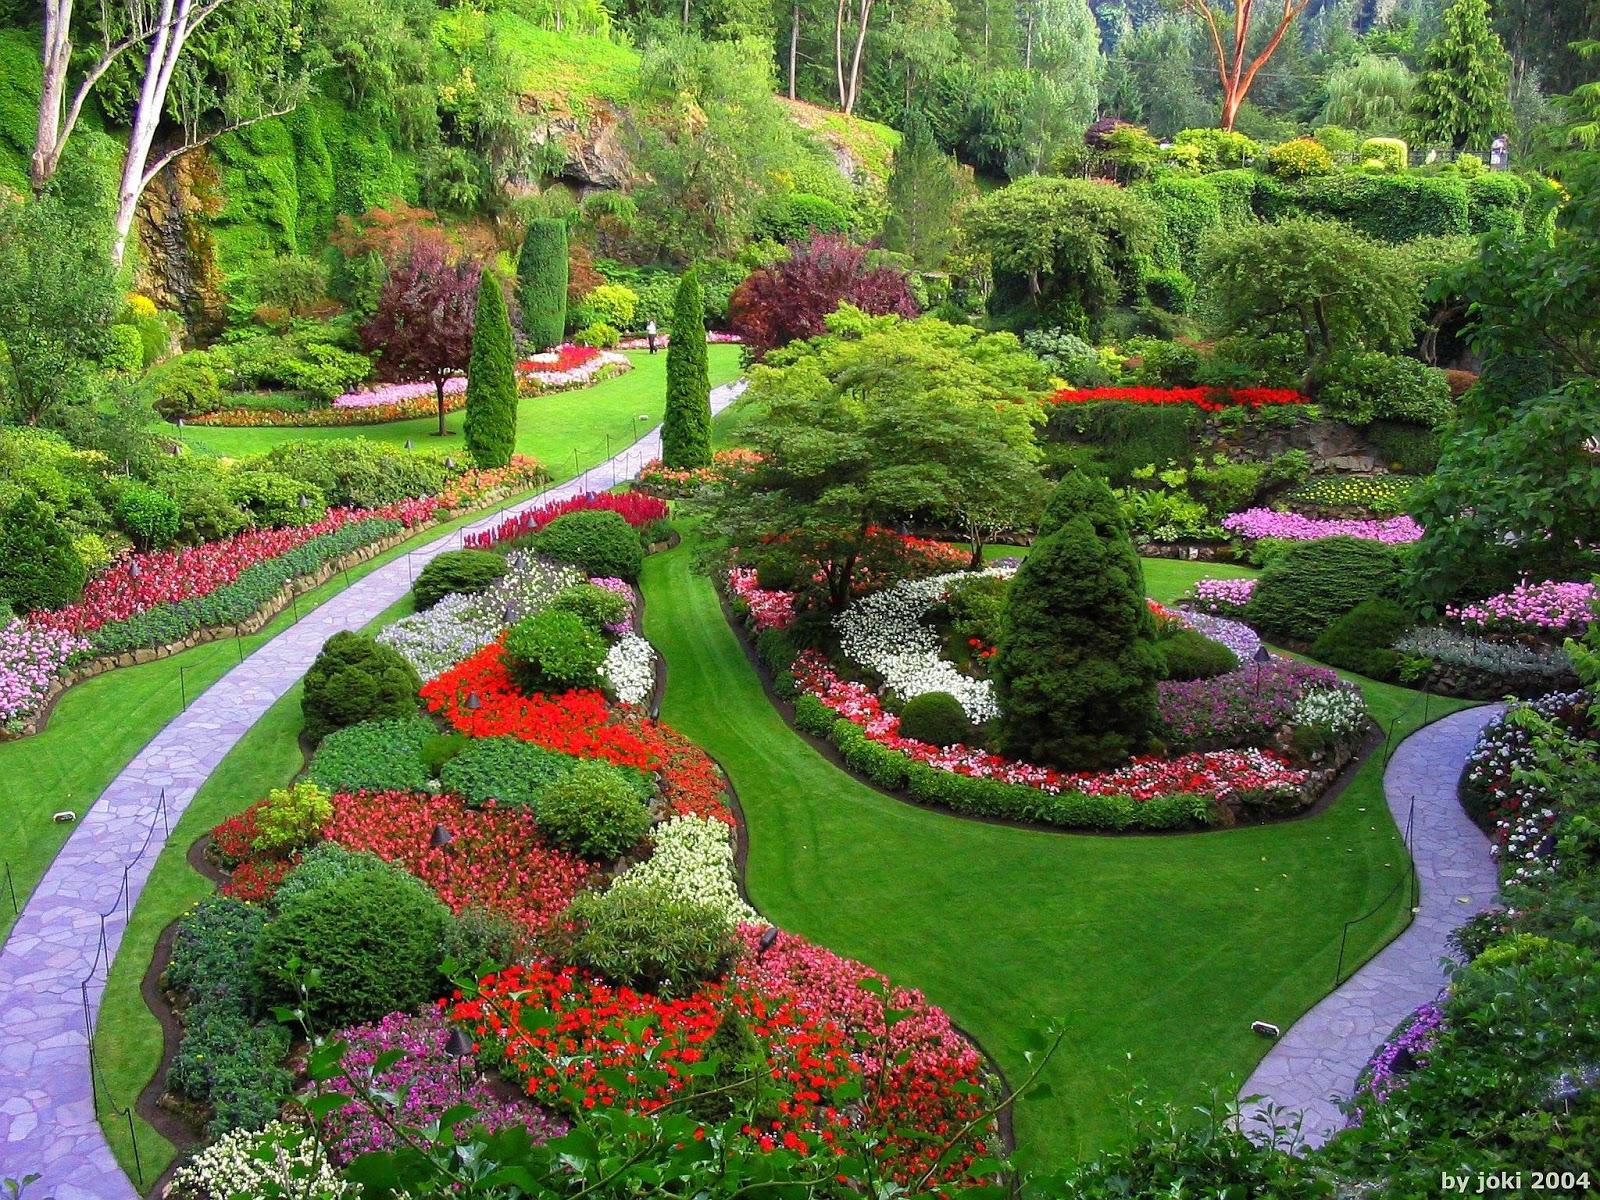 Imagenes ethel imagenes de jardines y lugares mas - Fotos de jardines ...